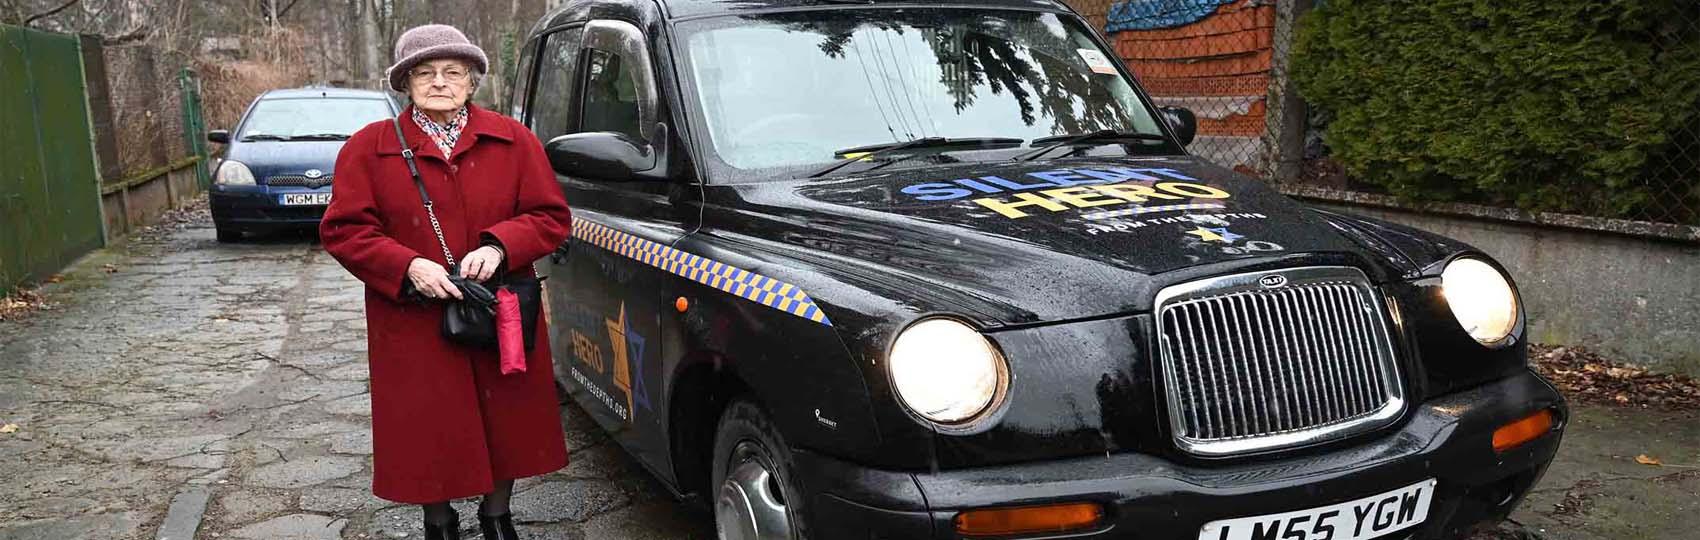 Noticias del sector del taxi y la movilidad en Polonia. Mantente informado de todas las noticias del taxi de Polonia en el grupo de Facebook de Todo Taxi.